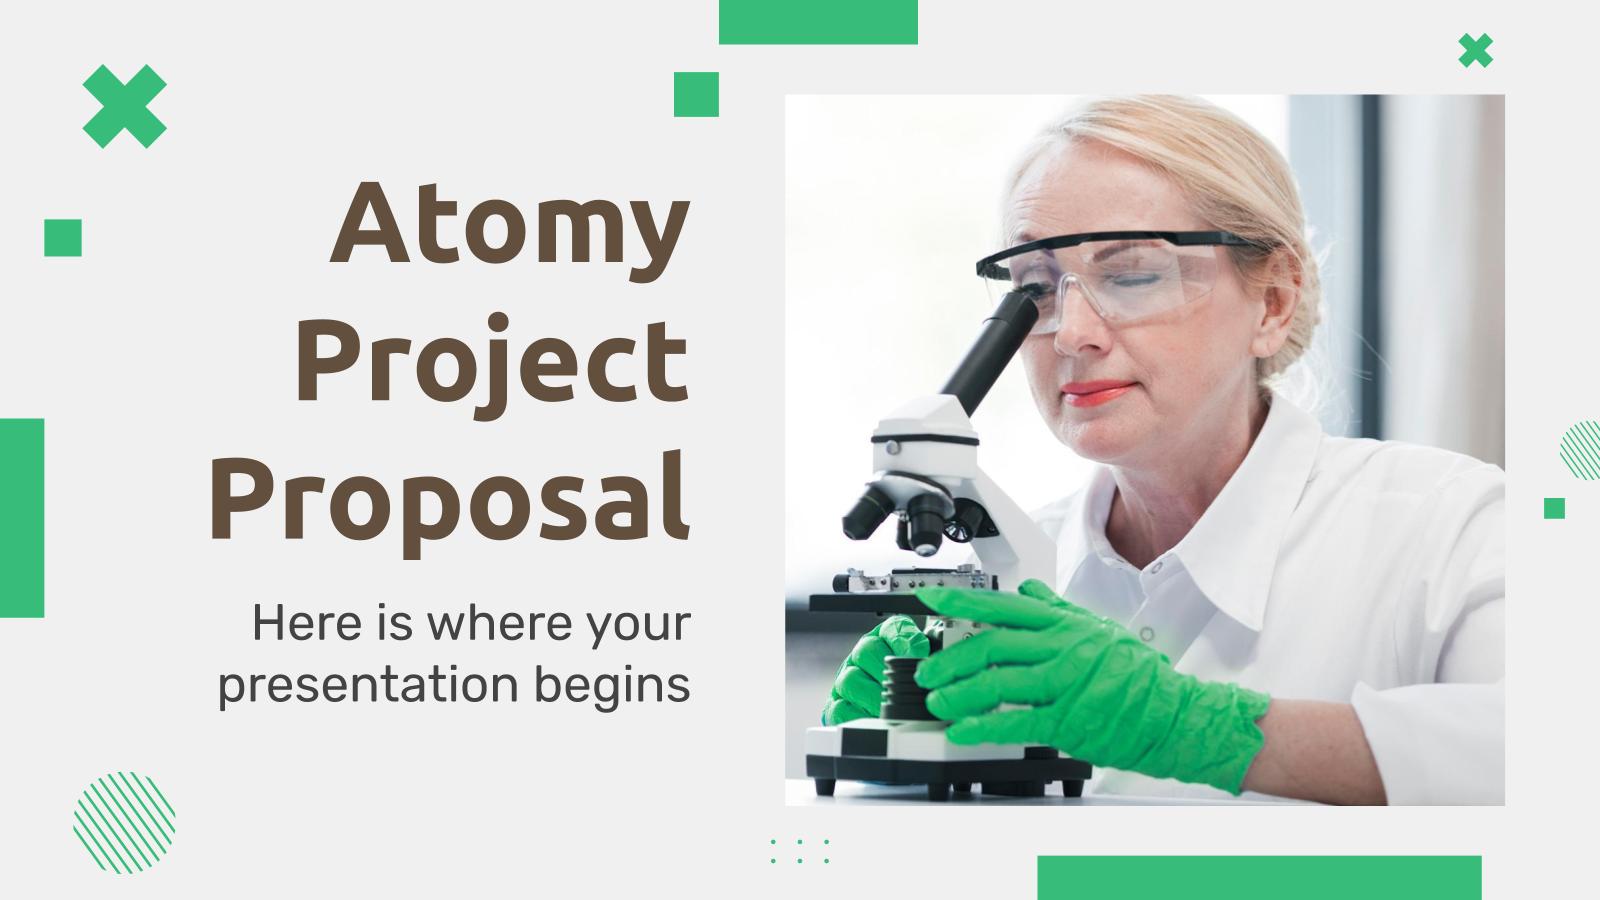 Plantilla de presentación Propuesta de proyecto Atomy